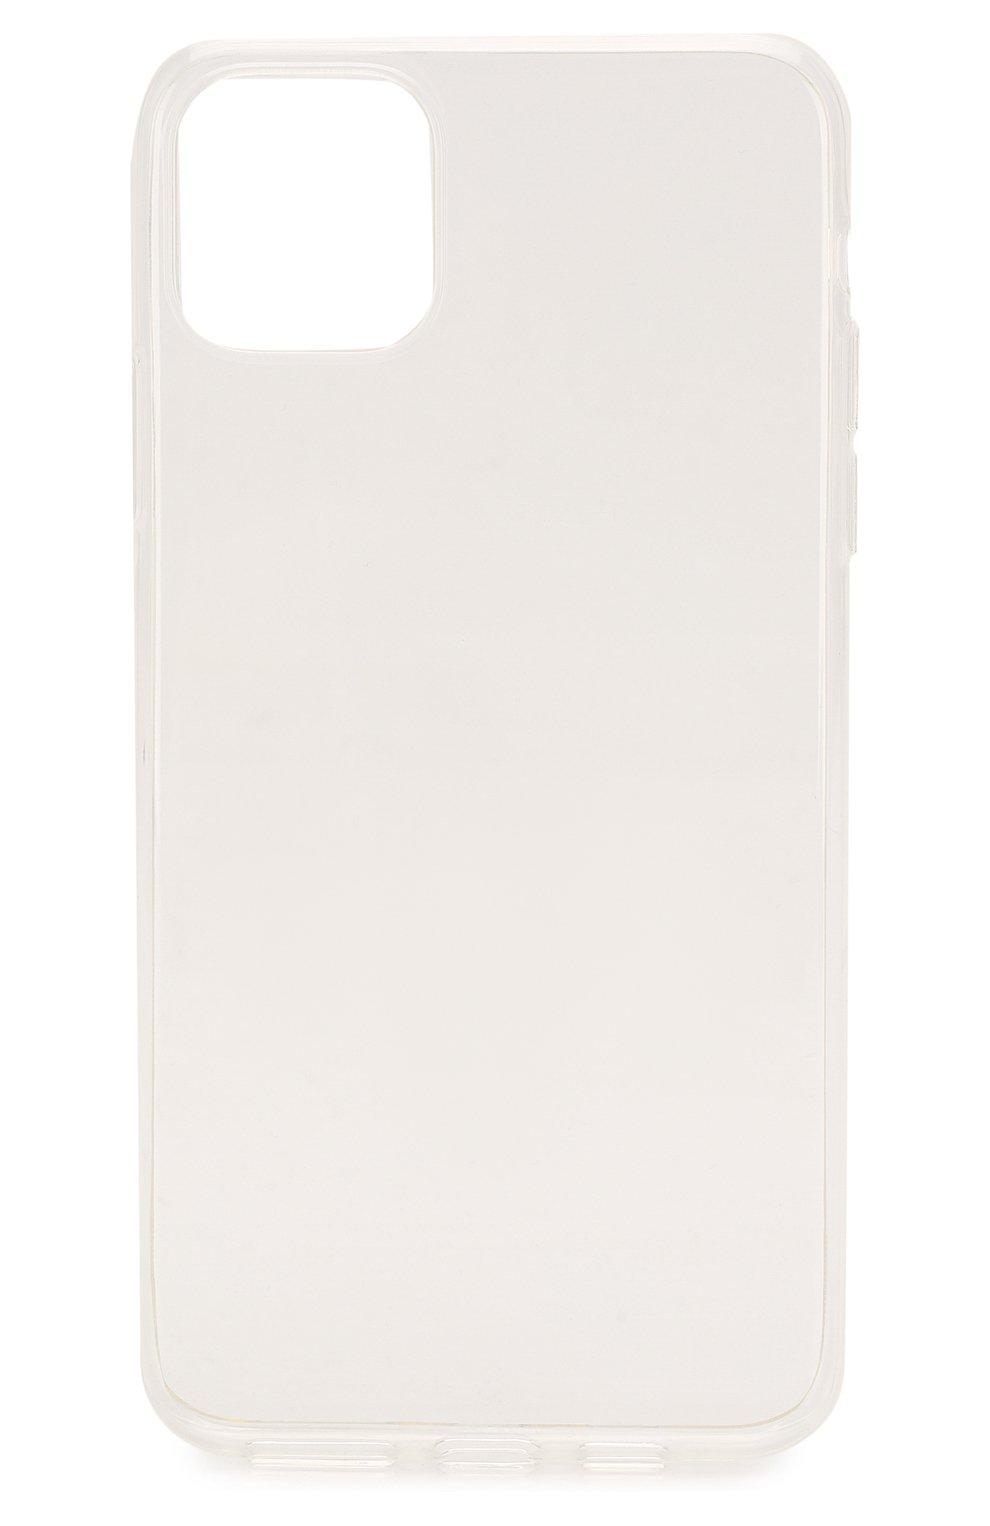 Чехол для iphone 11 pro max UBEAR прозрачного цвета, арт. CS46TT65-I19 | Фото 1